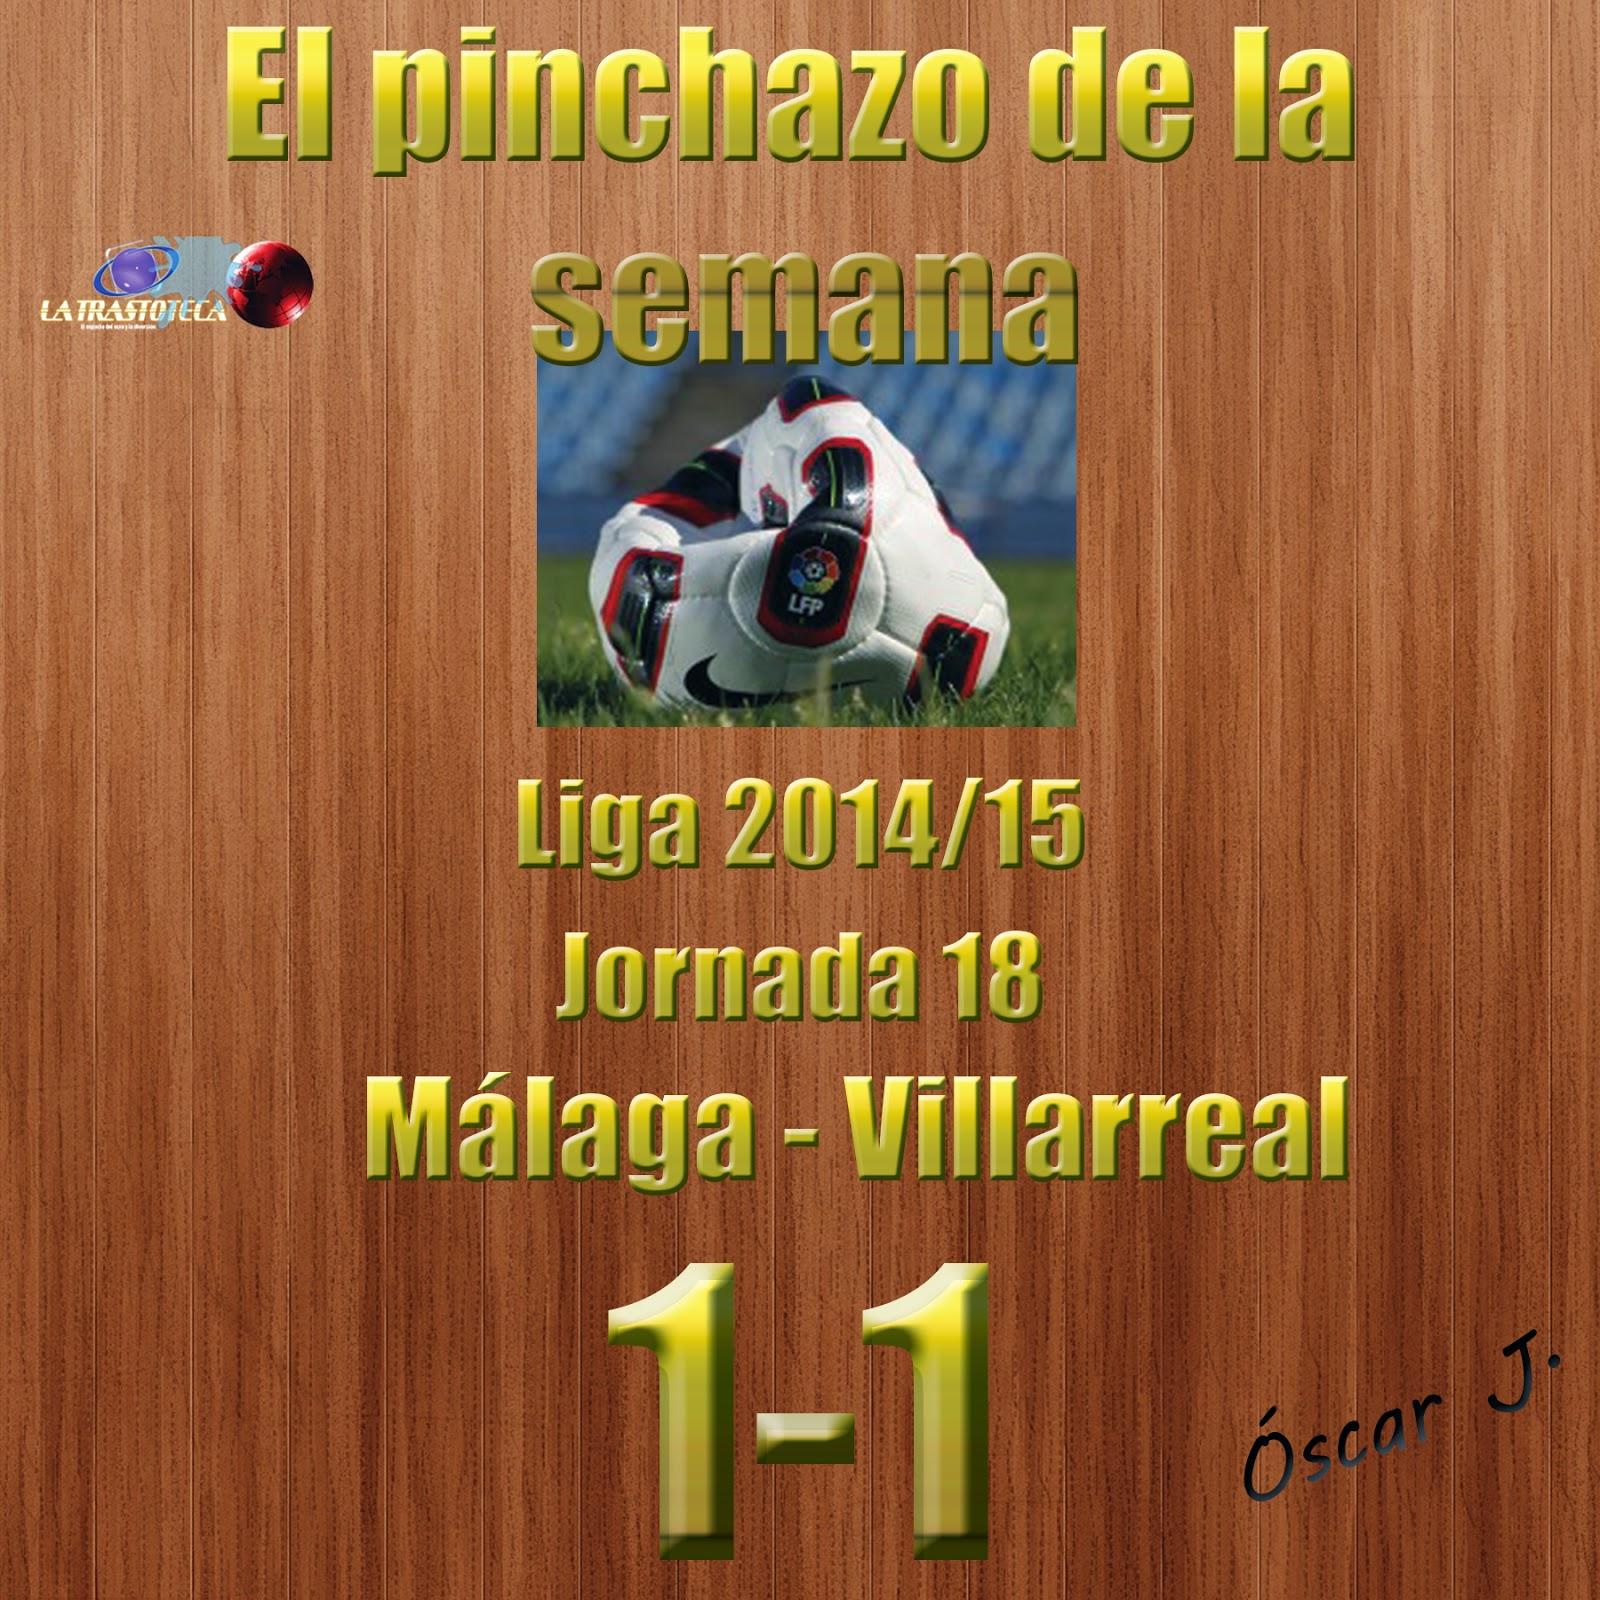 Málaga 1-1 Villarreal. Liga 2014/15 - Jornada 18. El pinchazo de la semana.